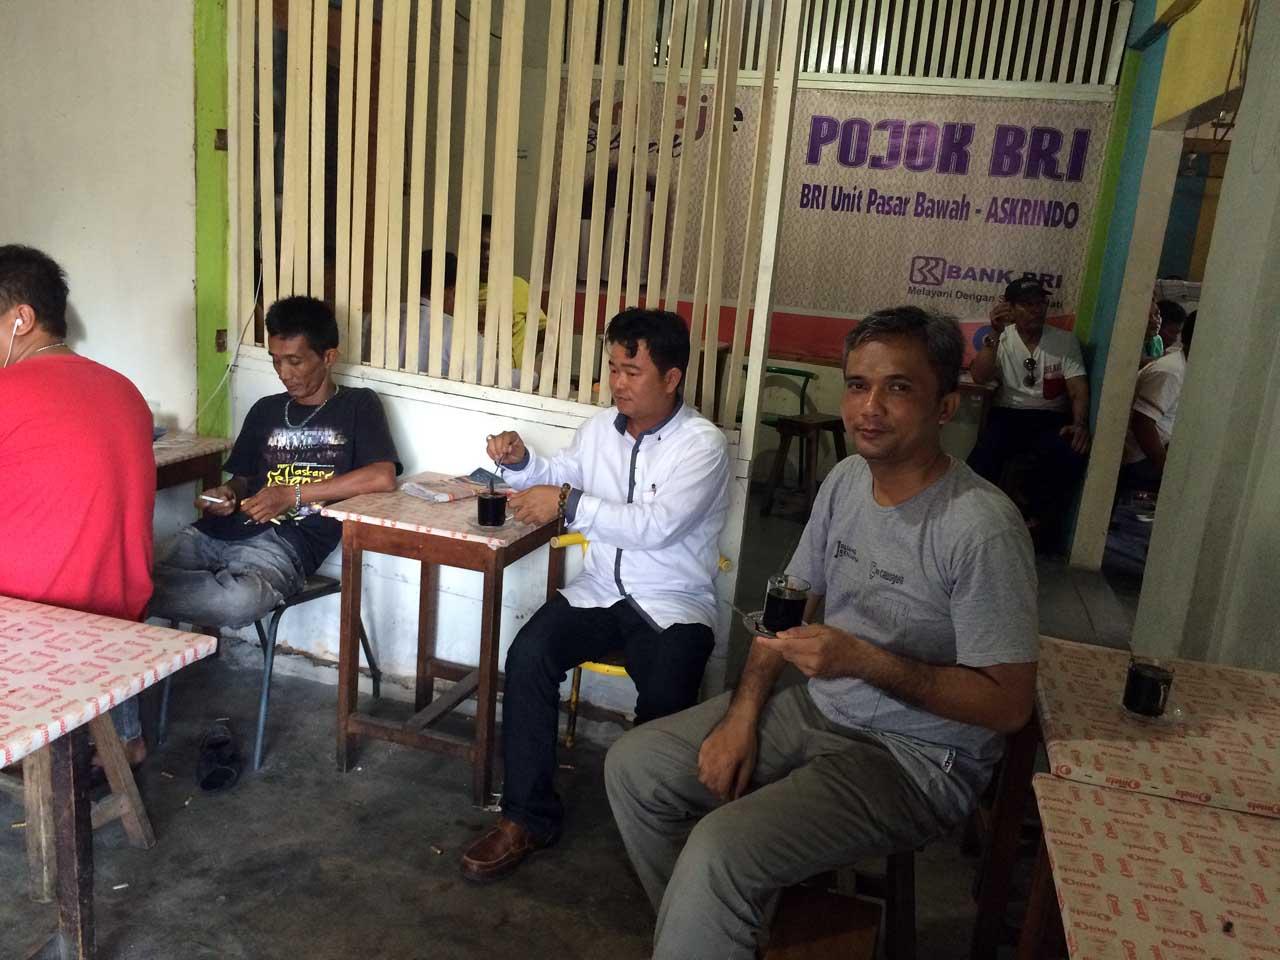 warung kopi belitung - kong djie coffee - tanjung pandan - belitung-yopie-pangkey-2